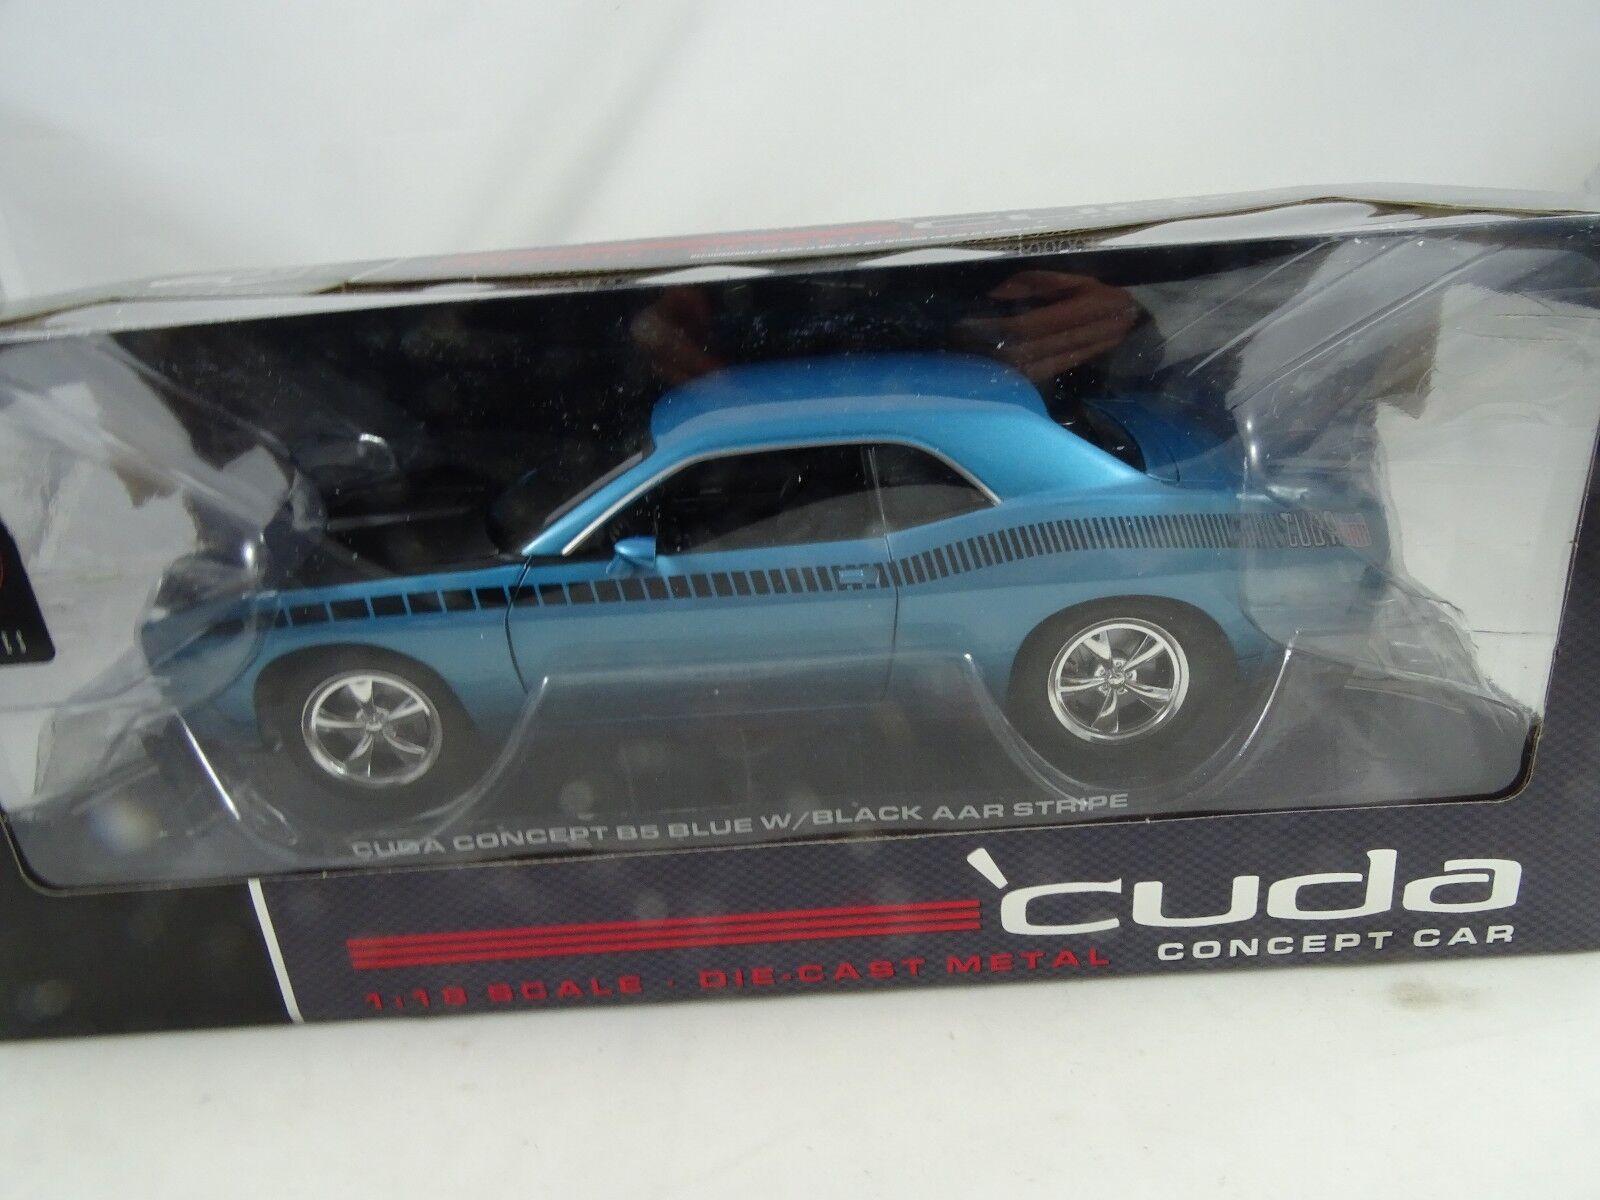 1:18 Highway 61 50826 Plymouth Cuda Concept B5 Blu W / Nero Aar Stripes Rarità